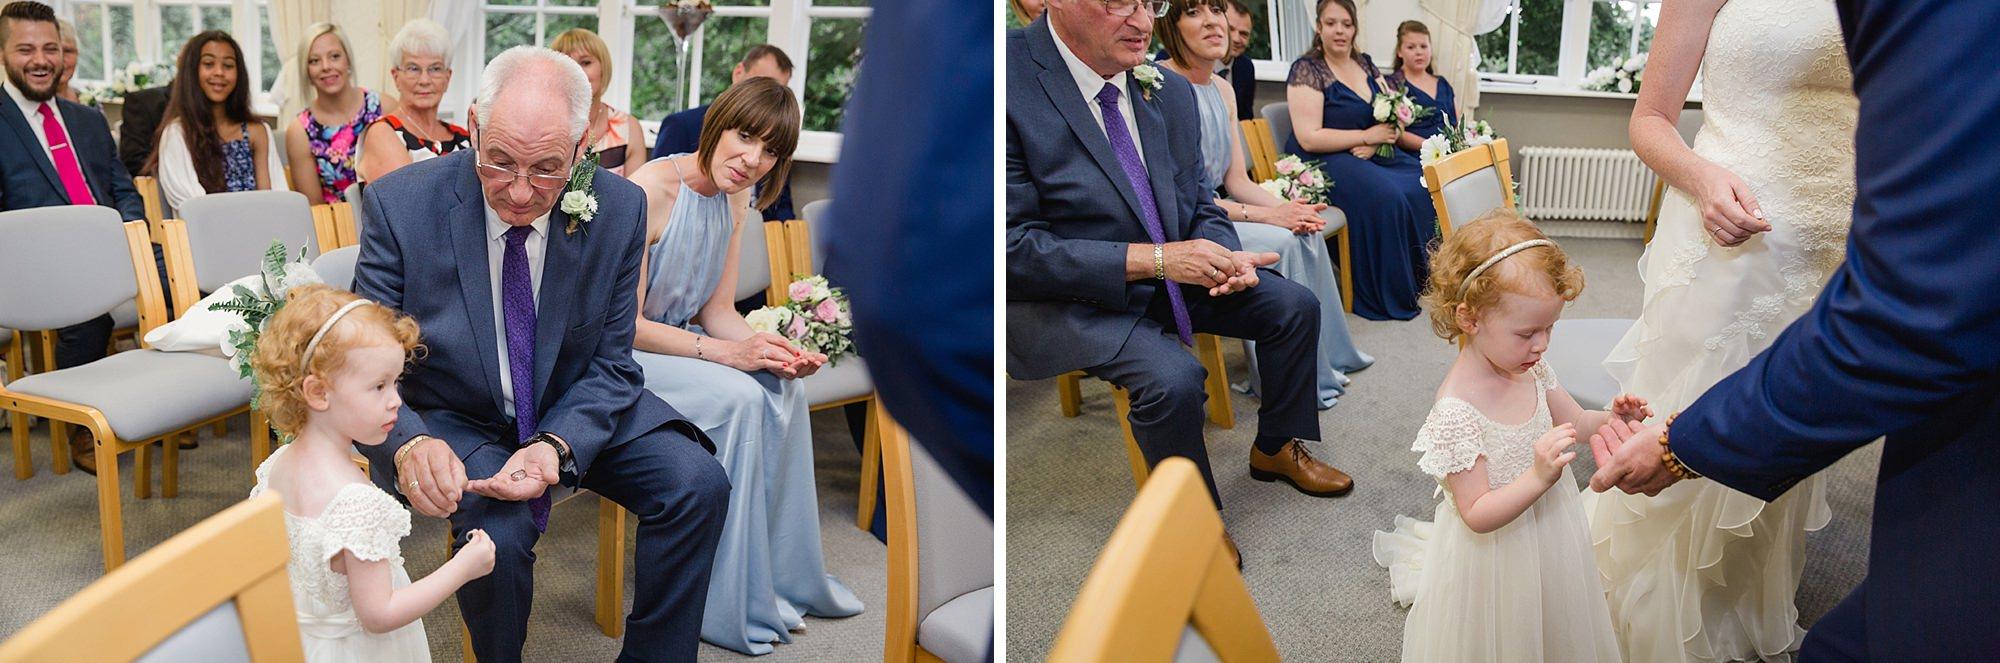 Mill House hotel wedding photography flower girl ring bearer